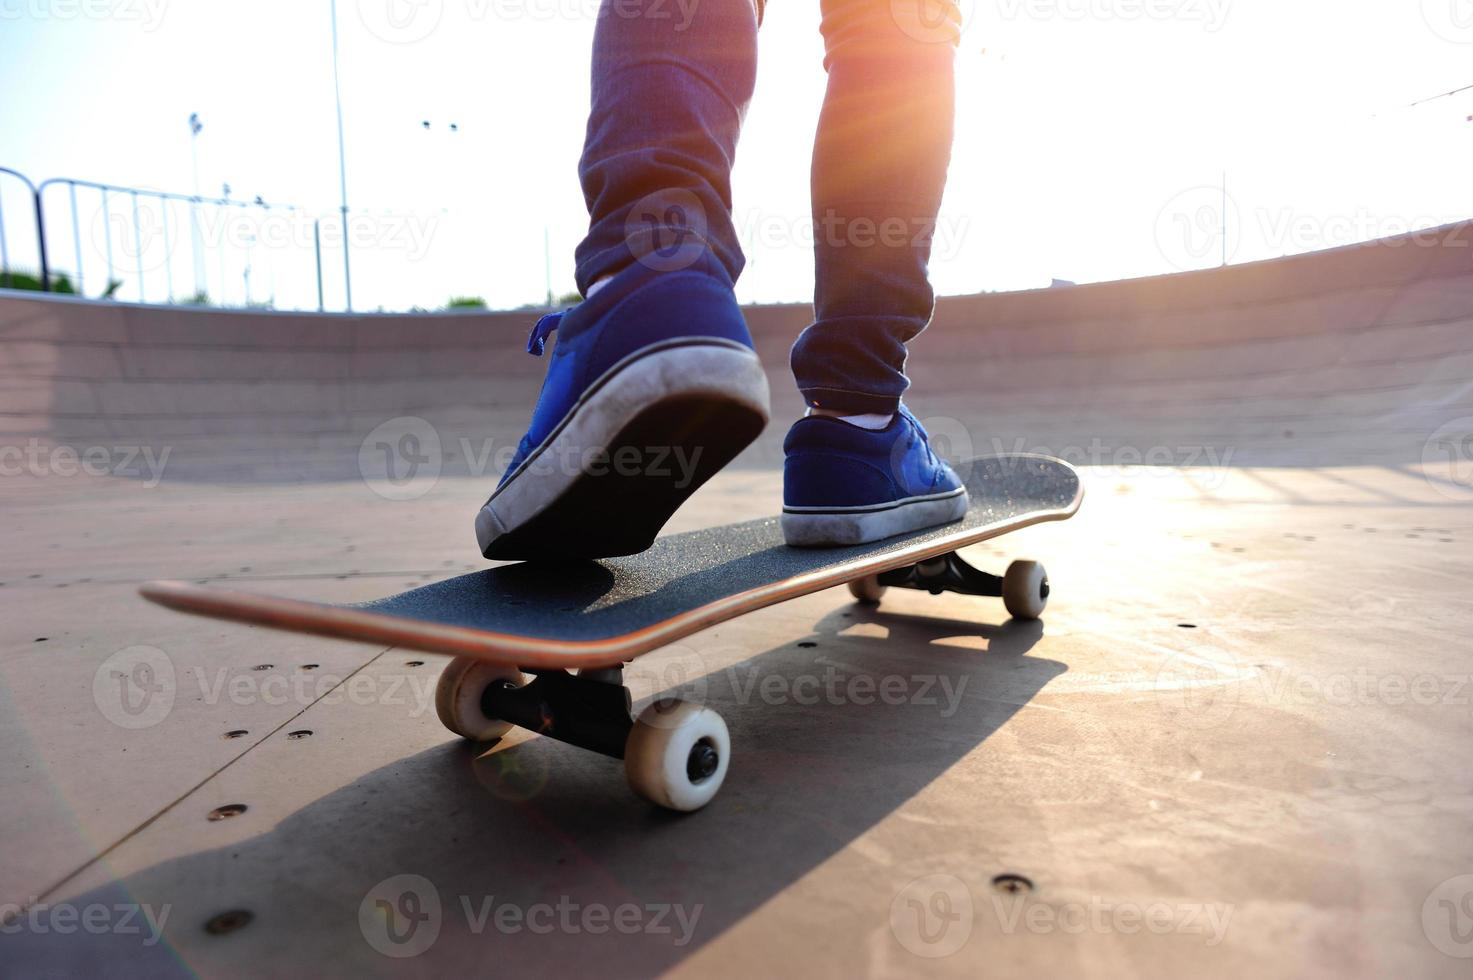 session matinale d'un skateboarder au skatepark photo